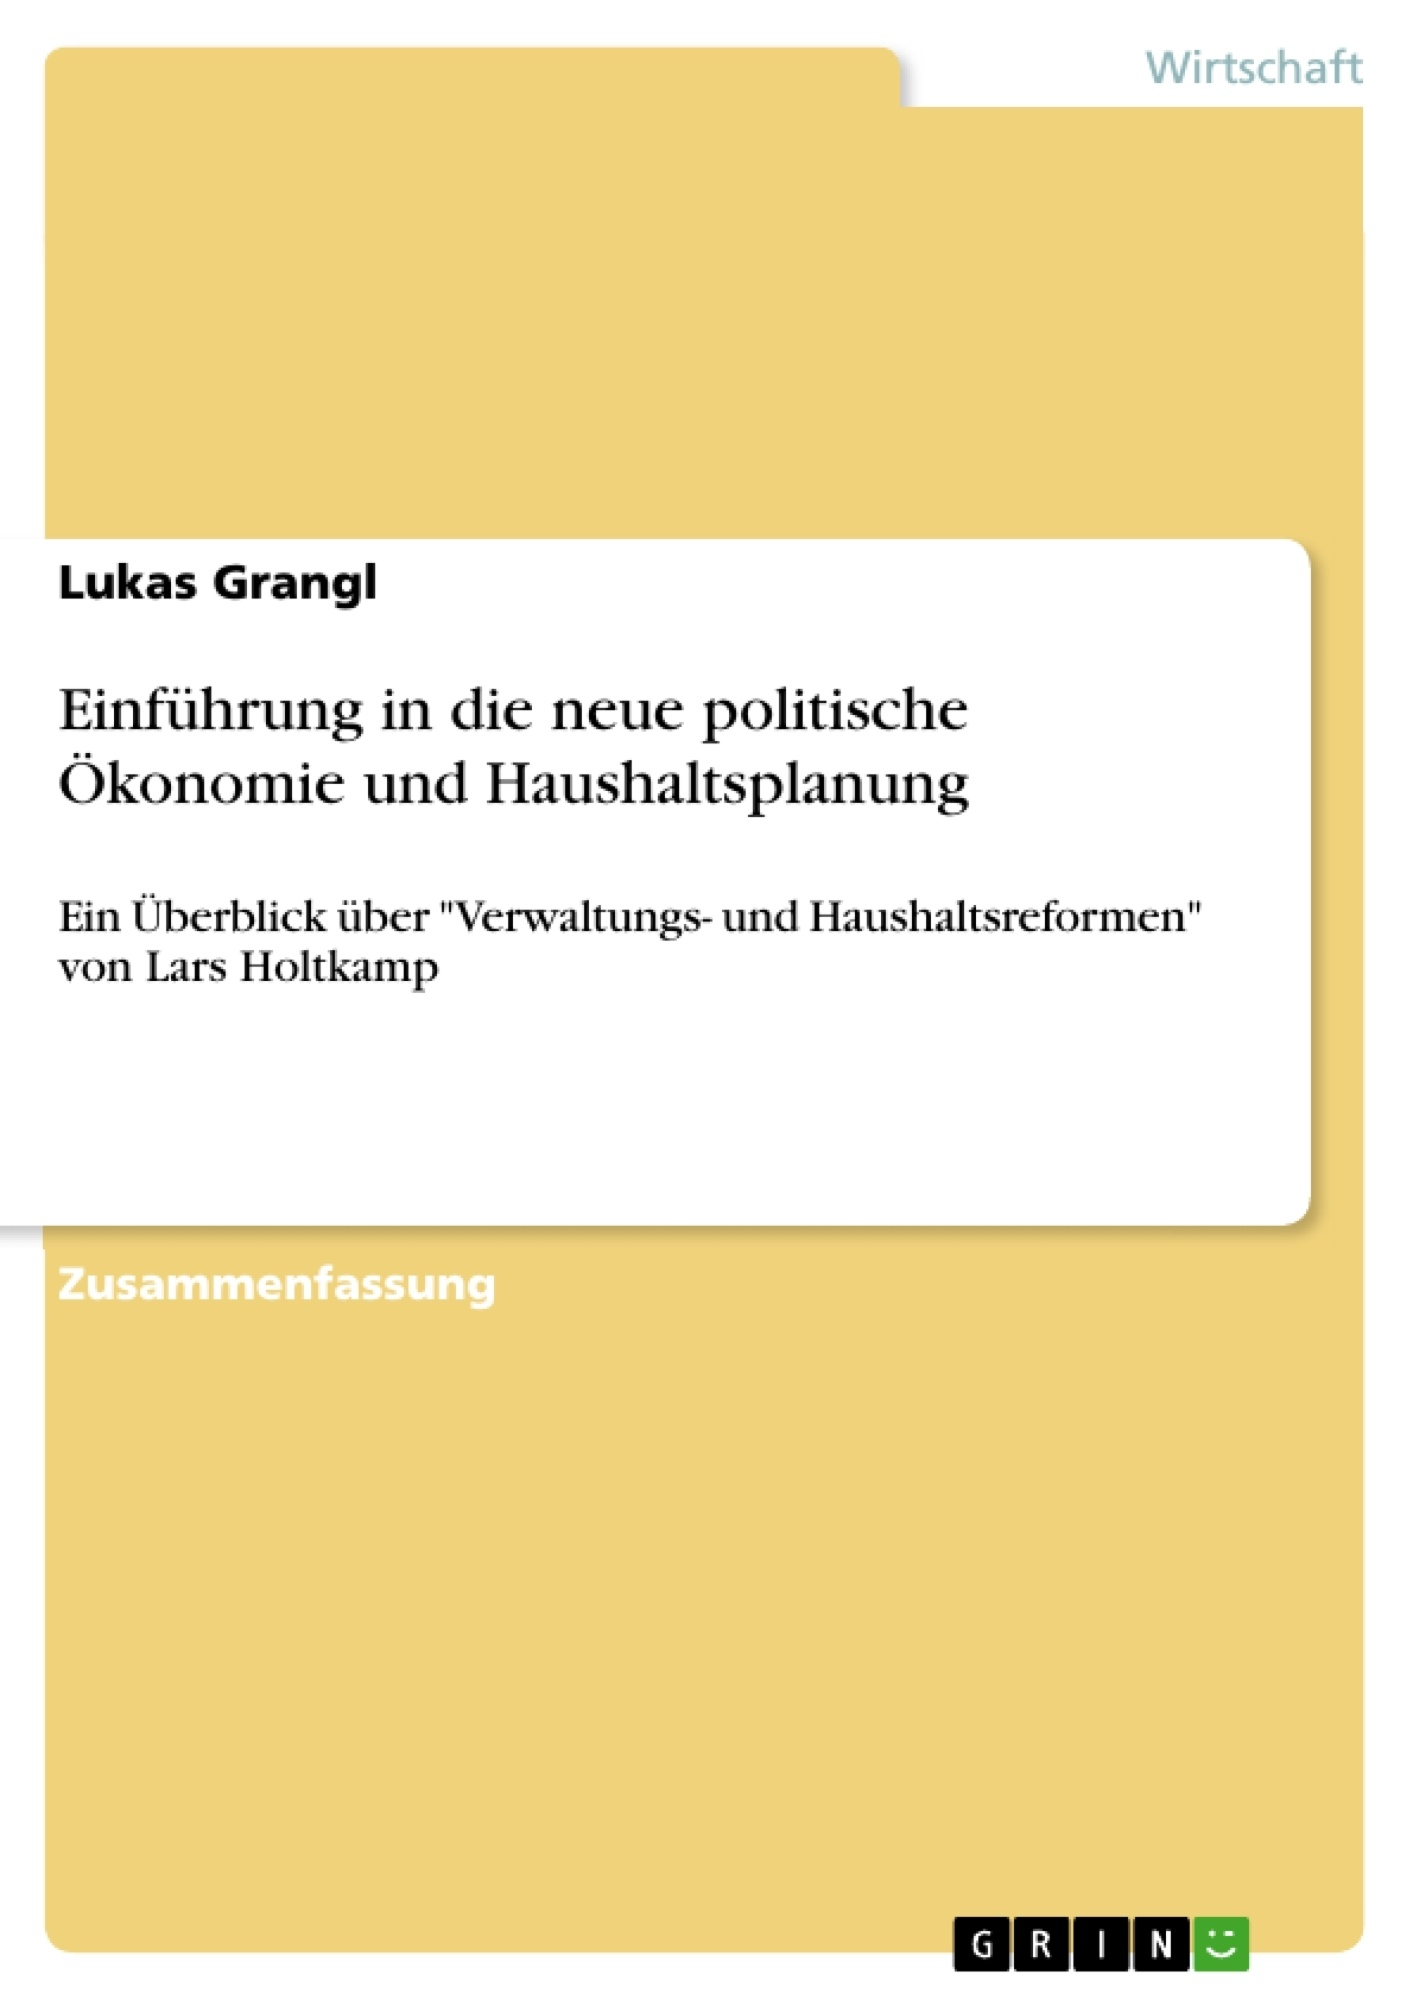 Titel: Einführung in die neue politische Ökonomie und Haushaltsplanung